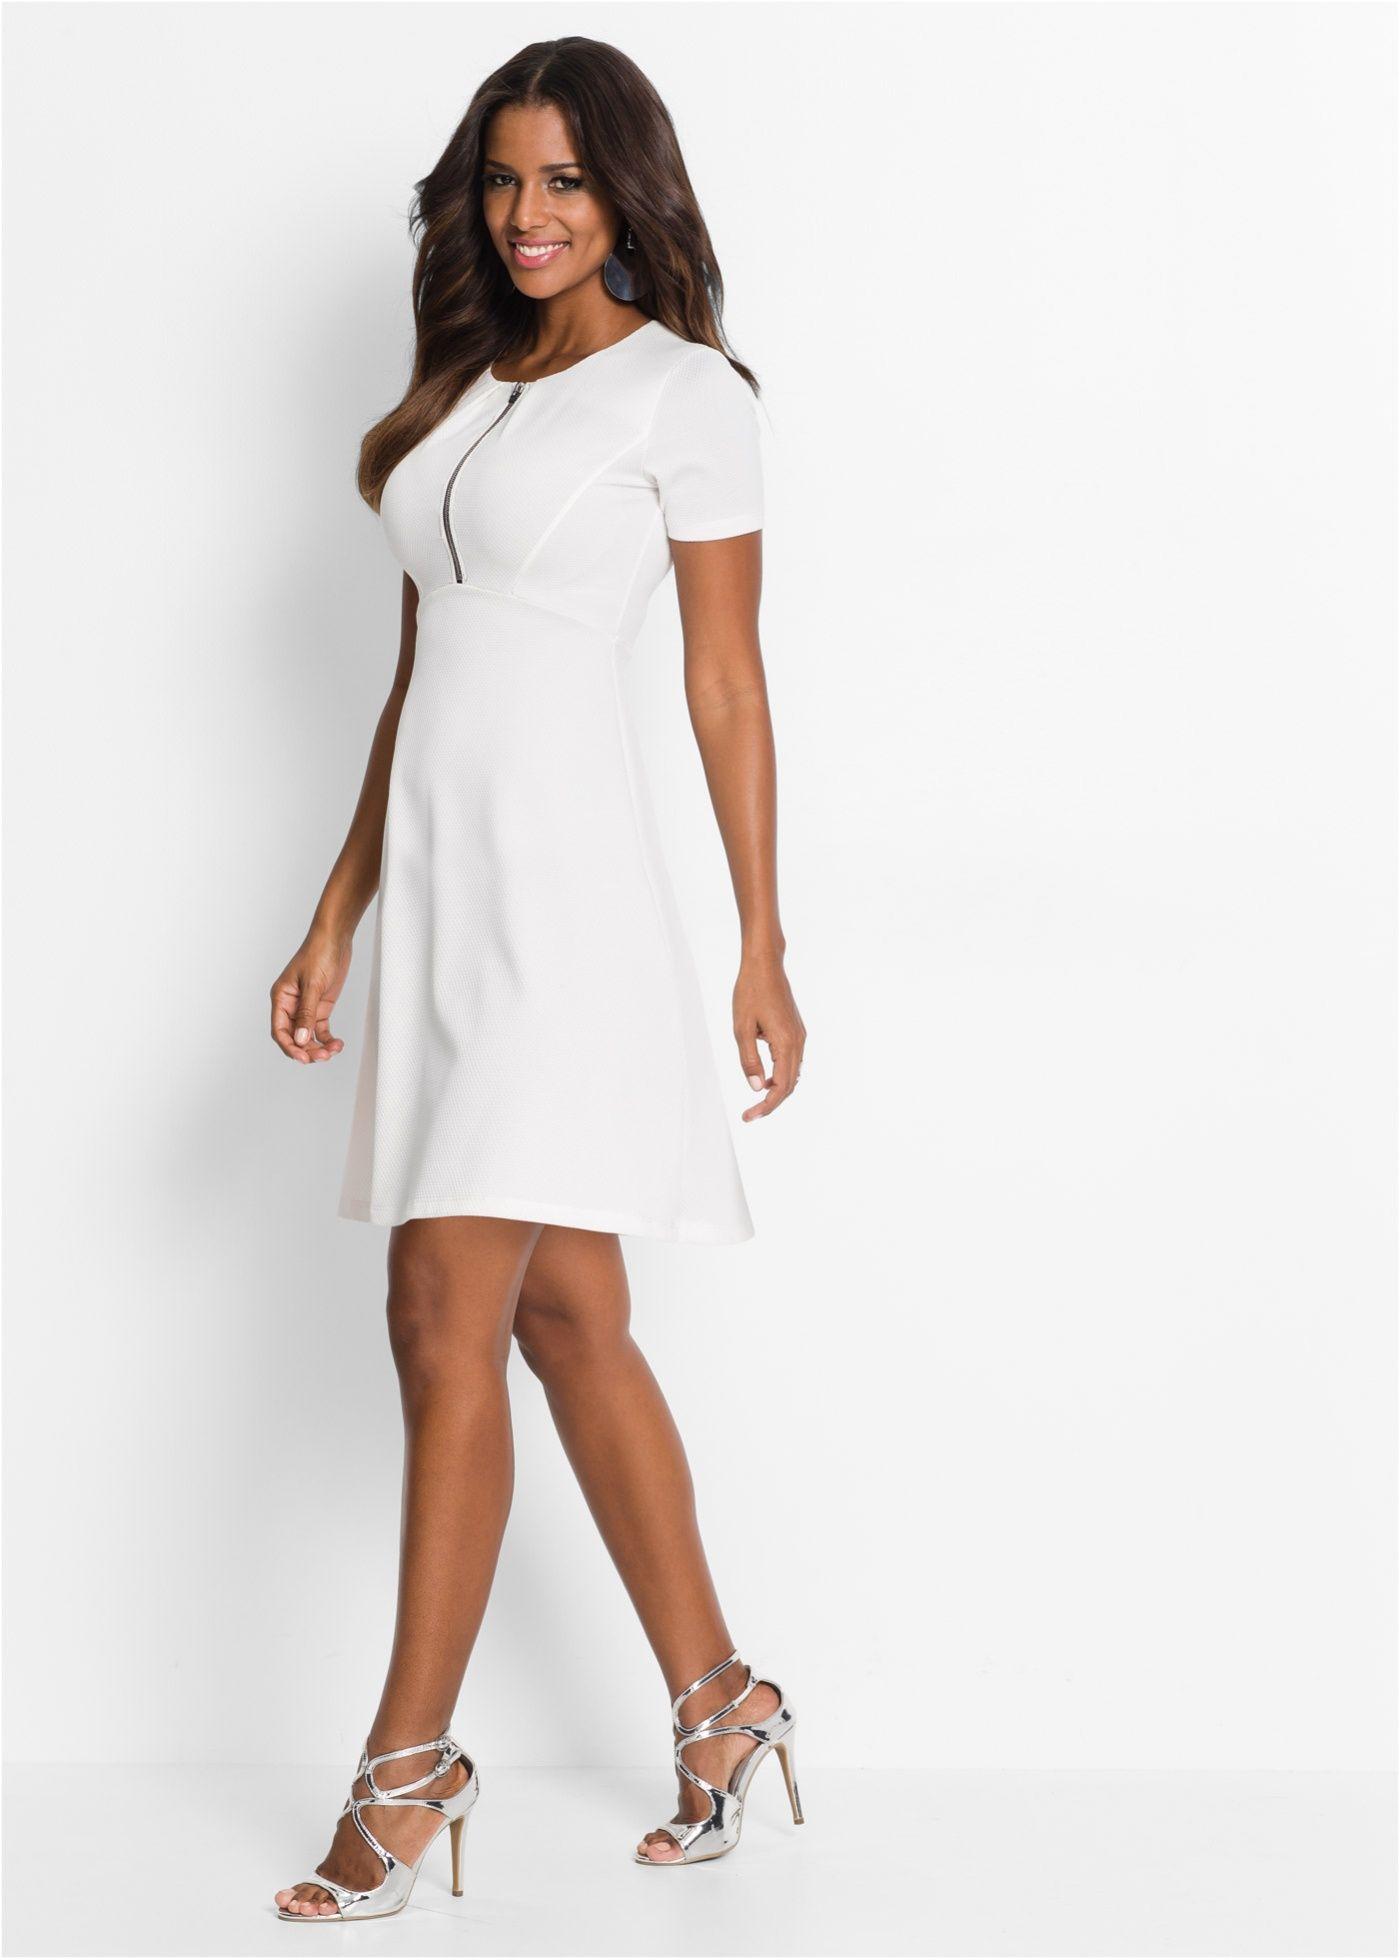 Kleid weiß - BODYFLIRT boutique jetzt im Online Shop von bonprix